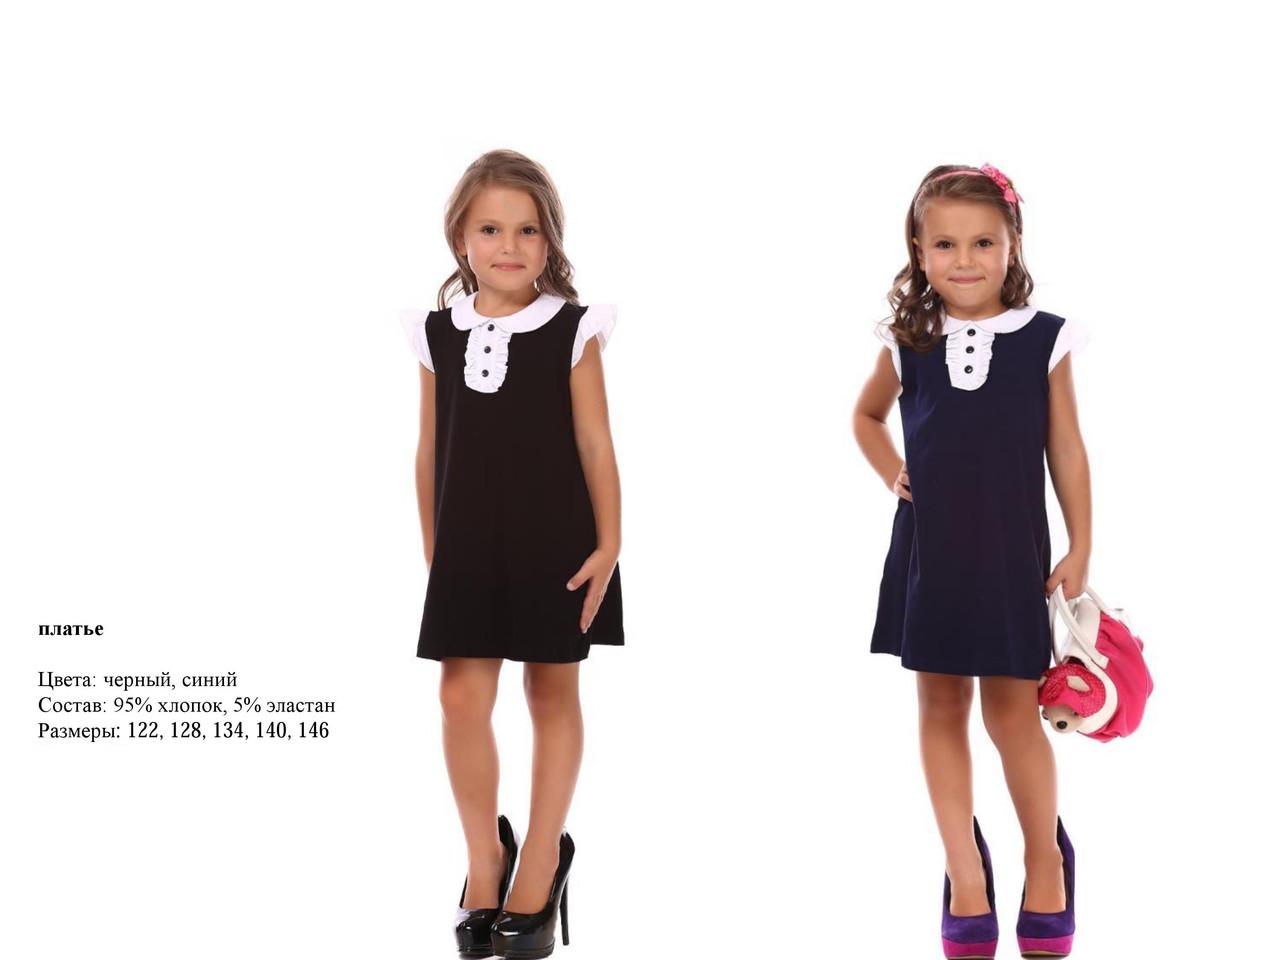 Платье школьное для девочки Лина. Размер 122 - 146 см